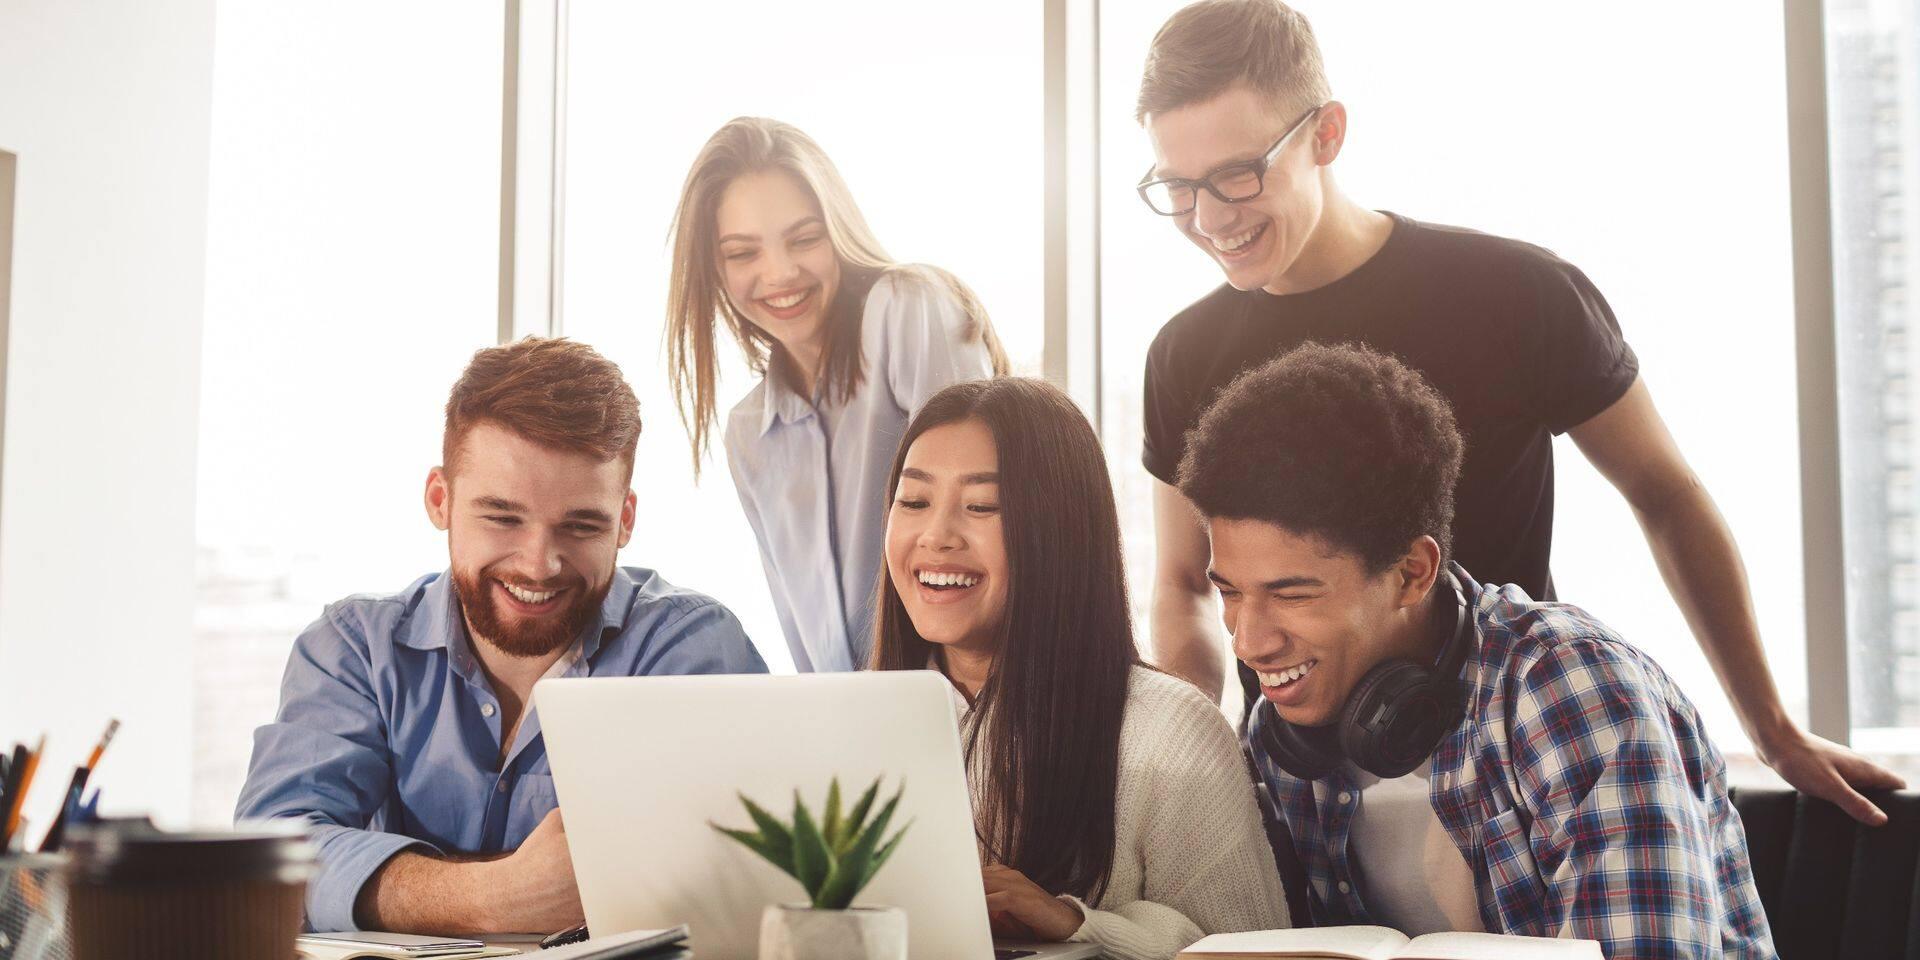 """L'Europe veut rendre les programmes Erasmus encore plus accessibles, une aubaine pour les jeunes : """"Ces mobilités peuvent changer des vies"""""""